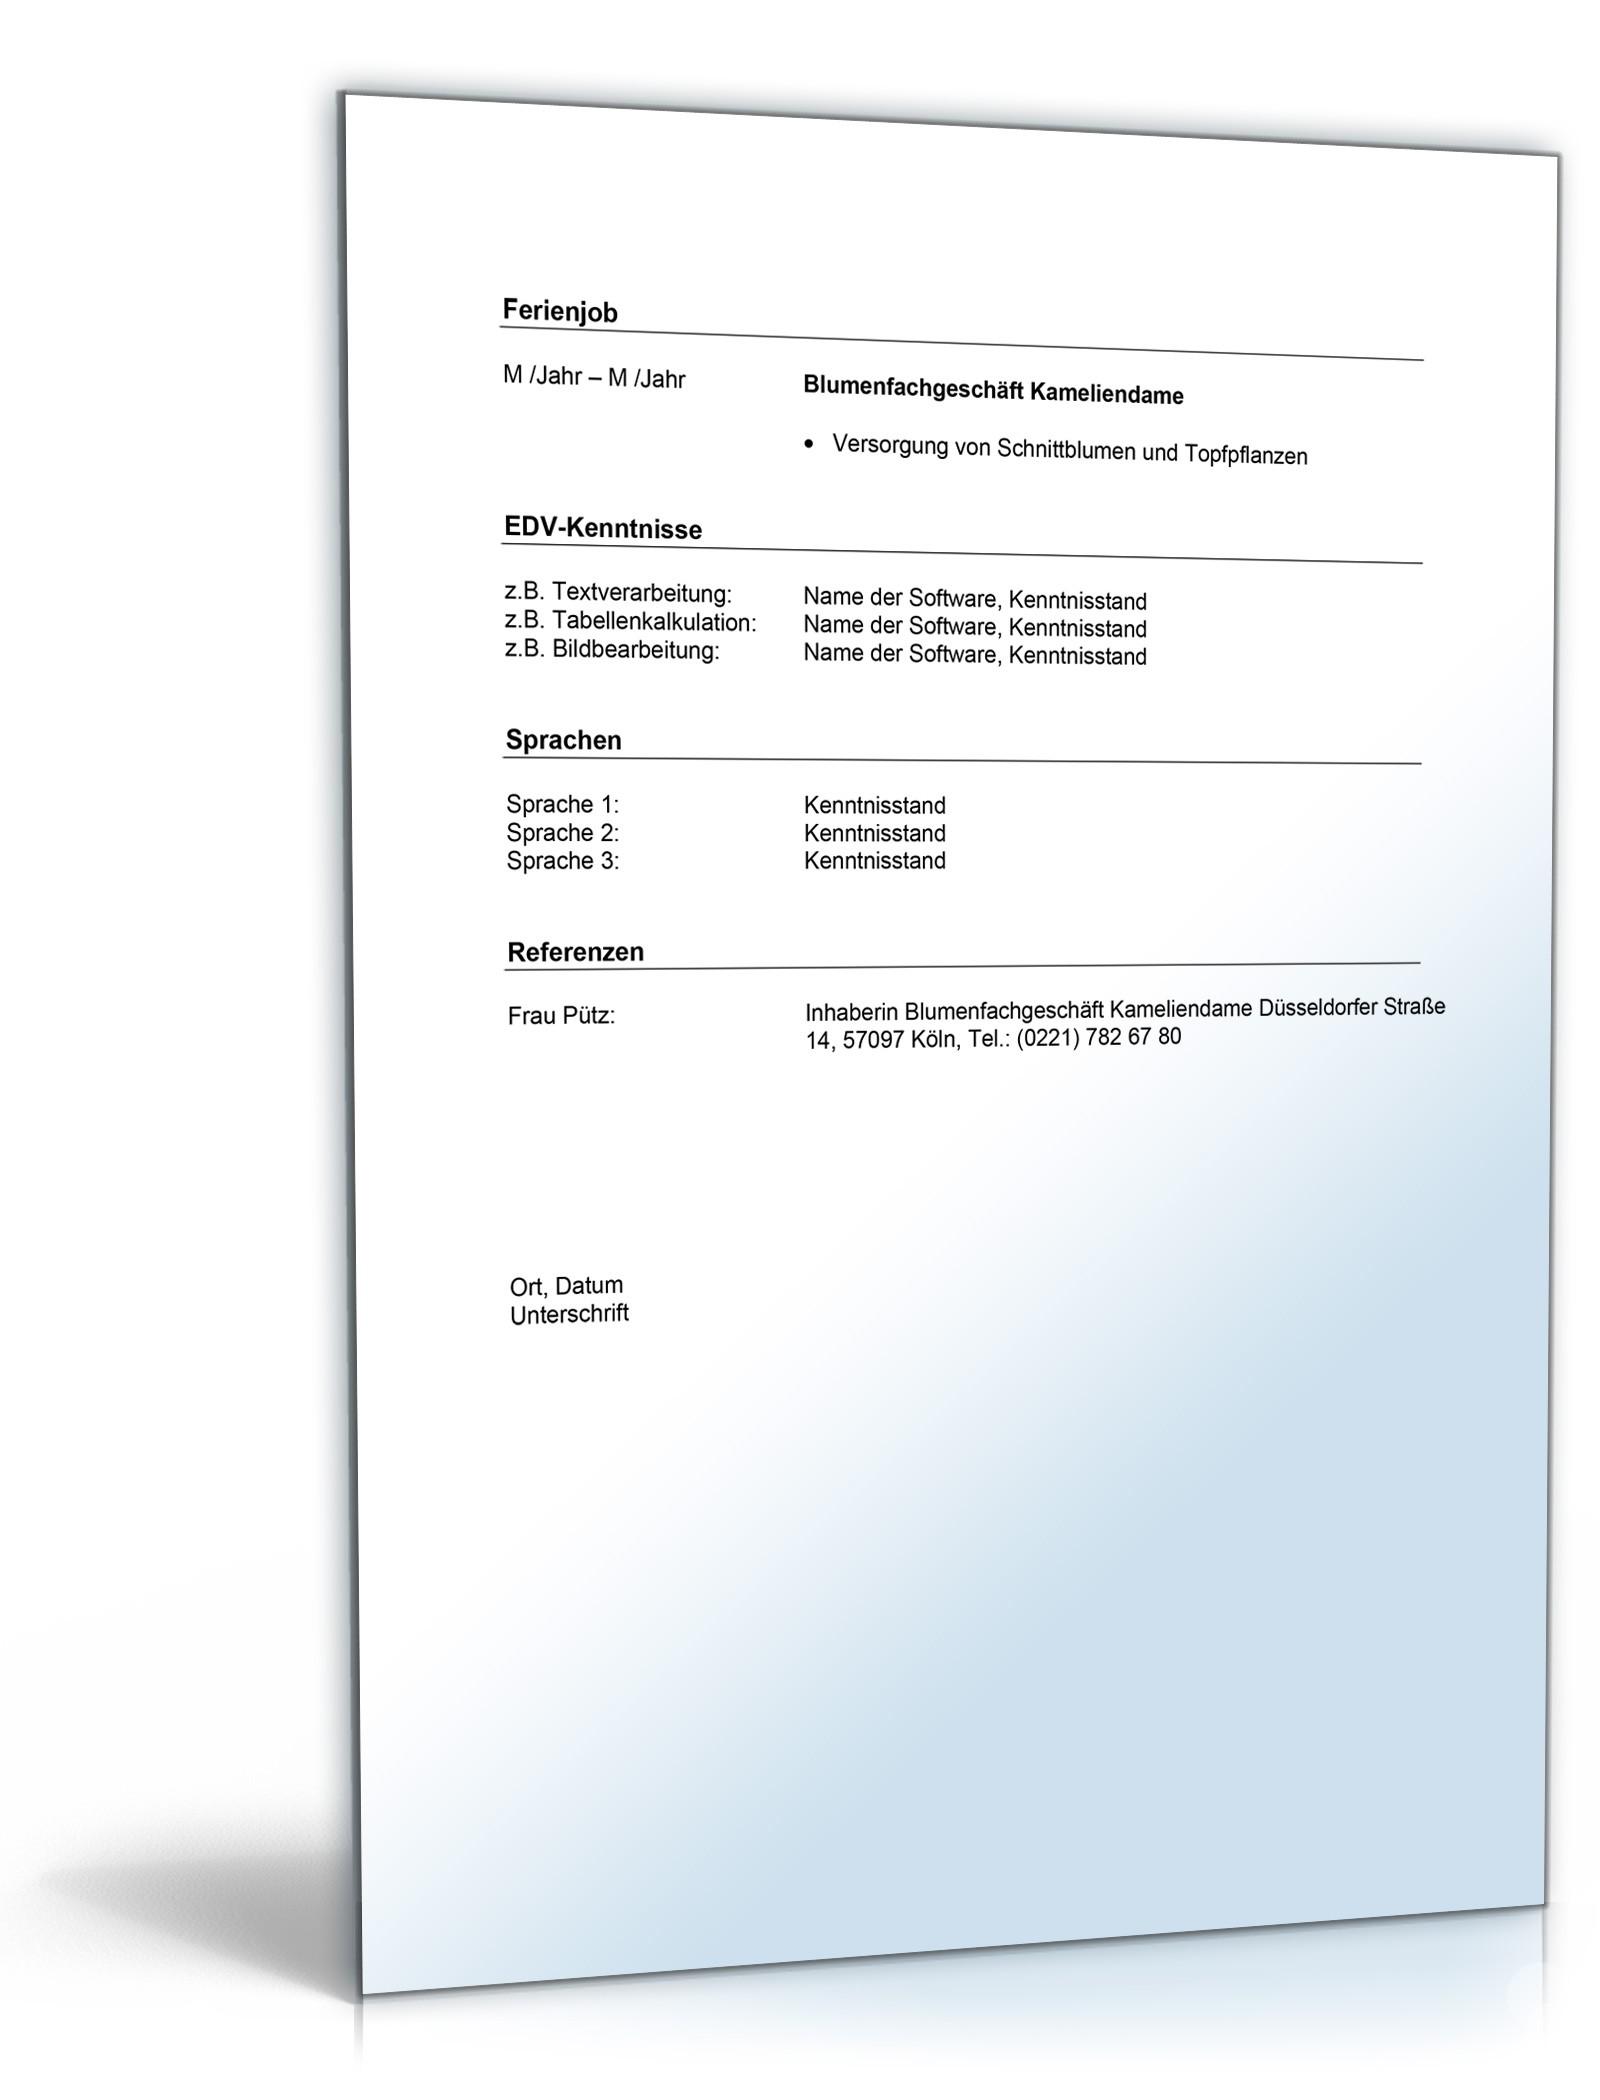 Groß Lebenslauf Referenzen Schreiben Ideen - Entry Level Resume ...